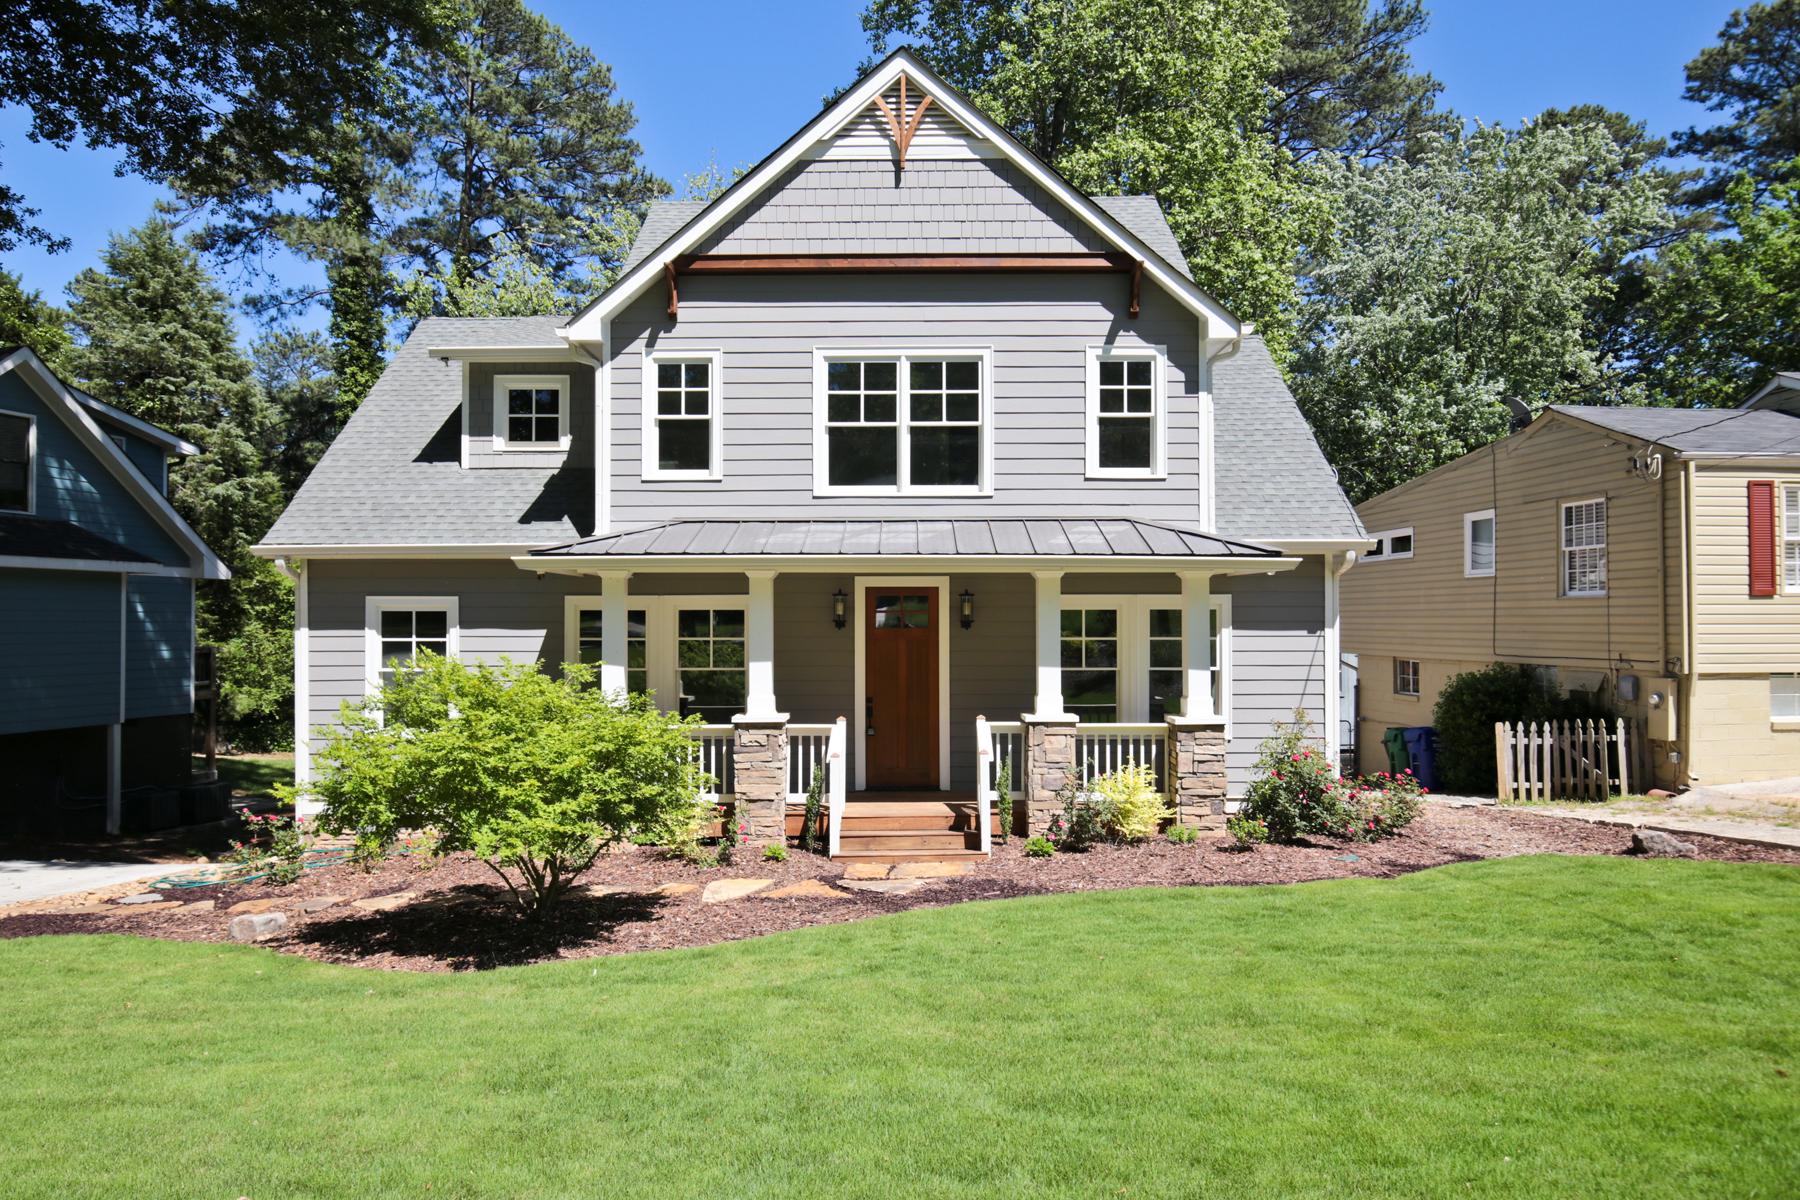 独户住宅 为 销售 在 Charming Brookhaven Craftsman 3013 Ringle Rd Ashford Park, 亚特兰大, 乔治亚州, 30341 美国